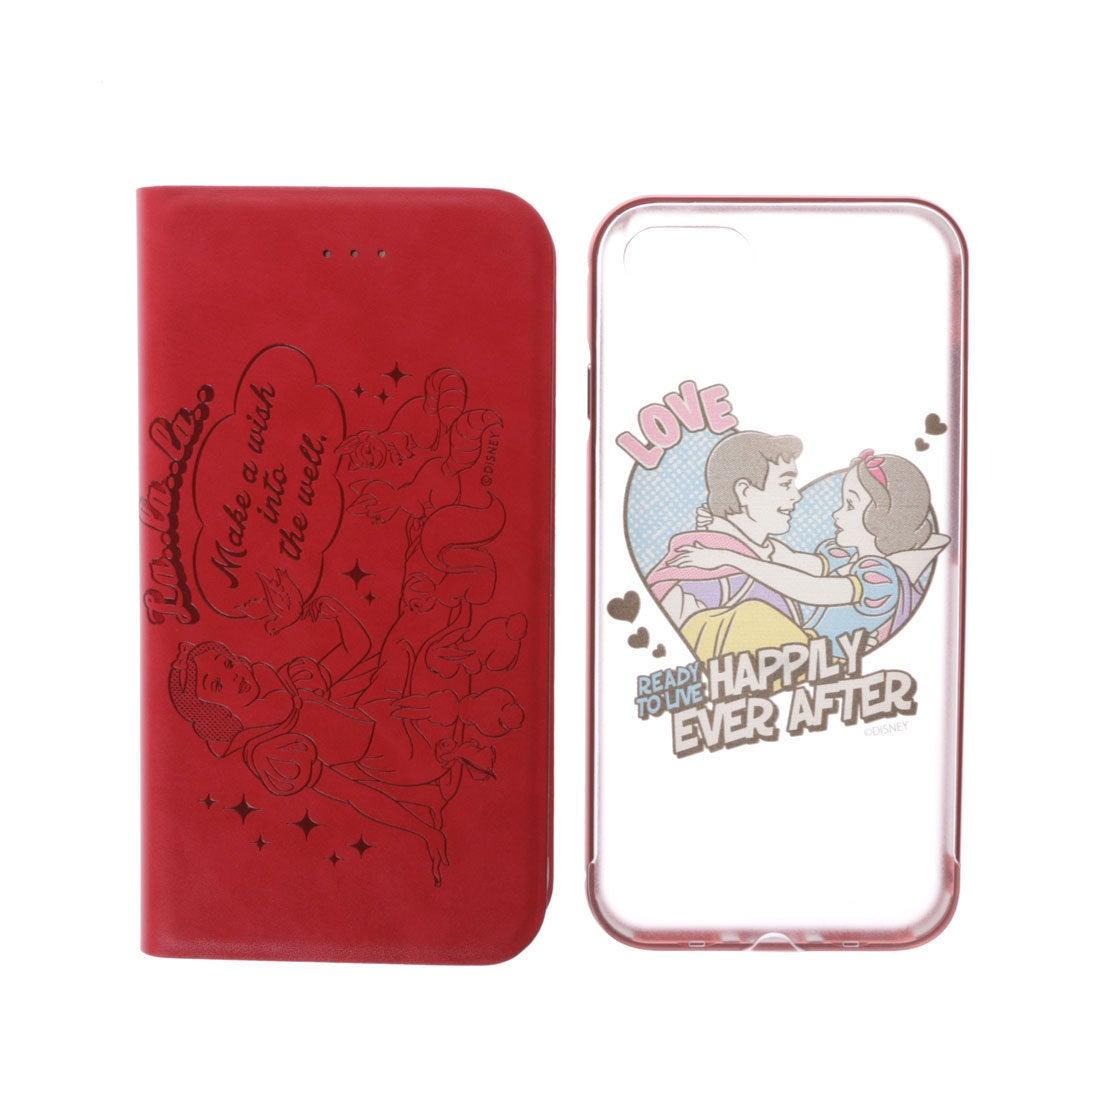 サマンサタバサプチチョイス ディズニーコレクション「白雪姫」iPhone7ケース(レッド) レディース